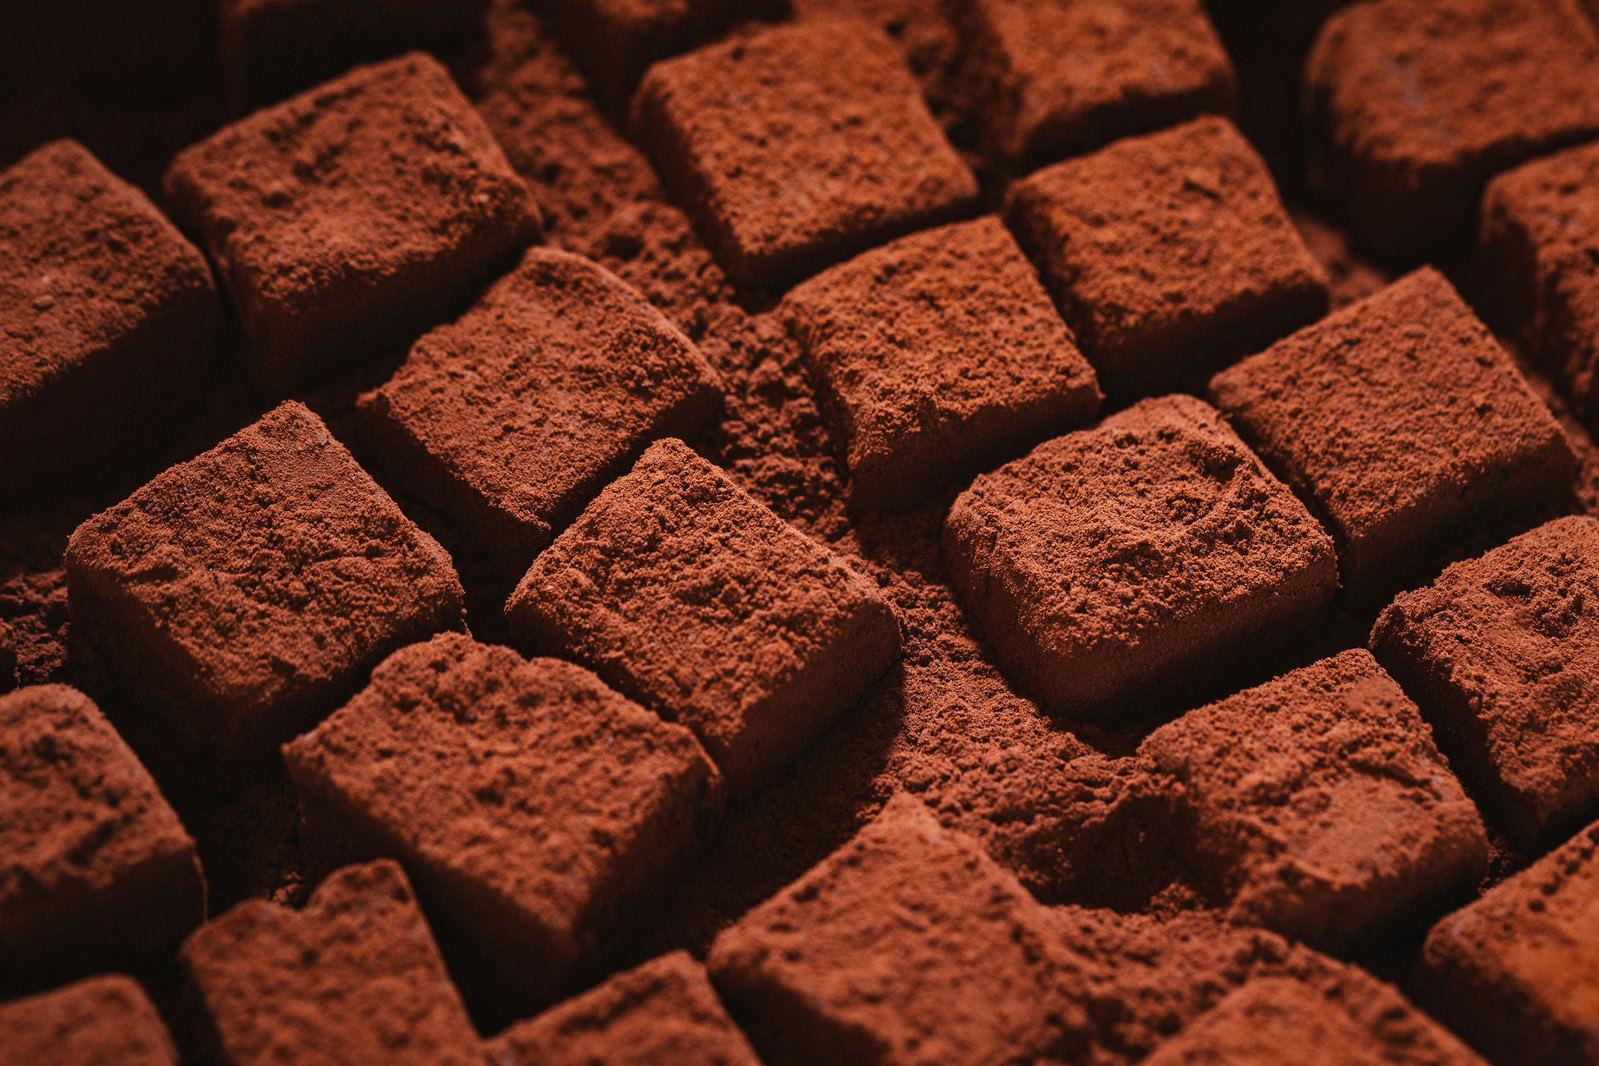 「ココアパウダーに埋まる四角い生チョコ」の写真